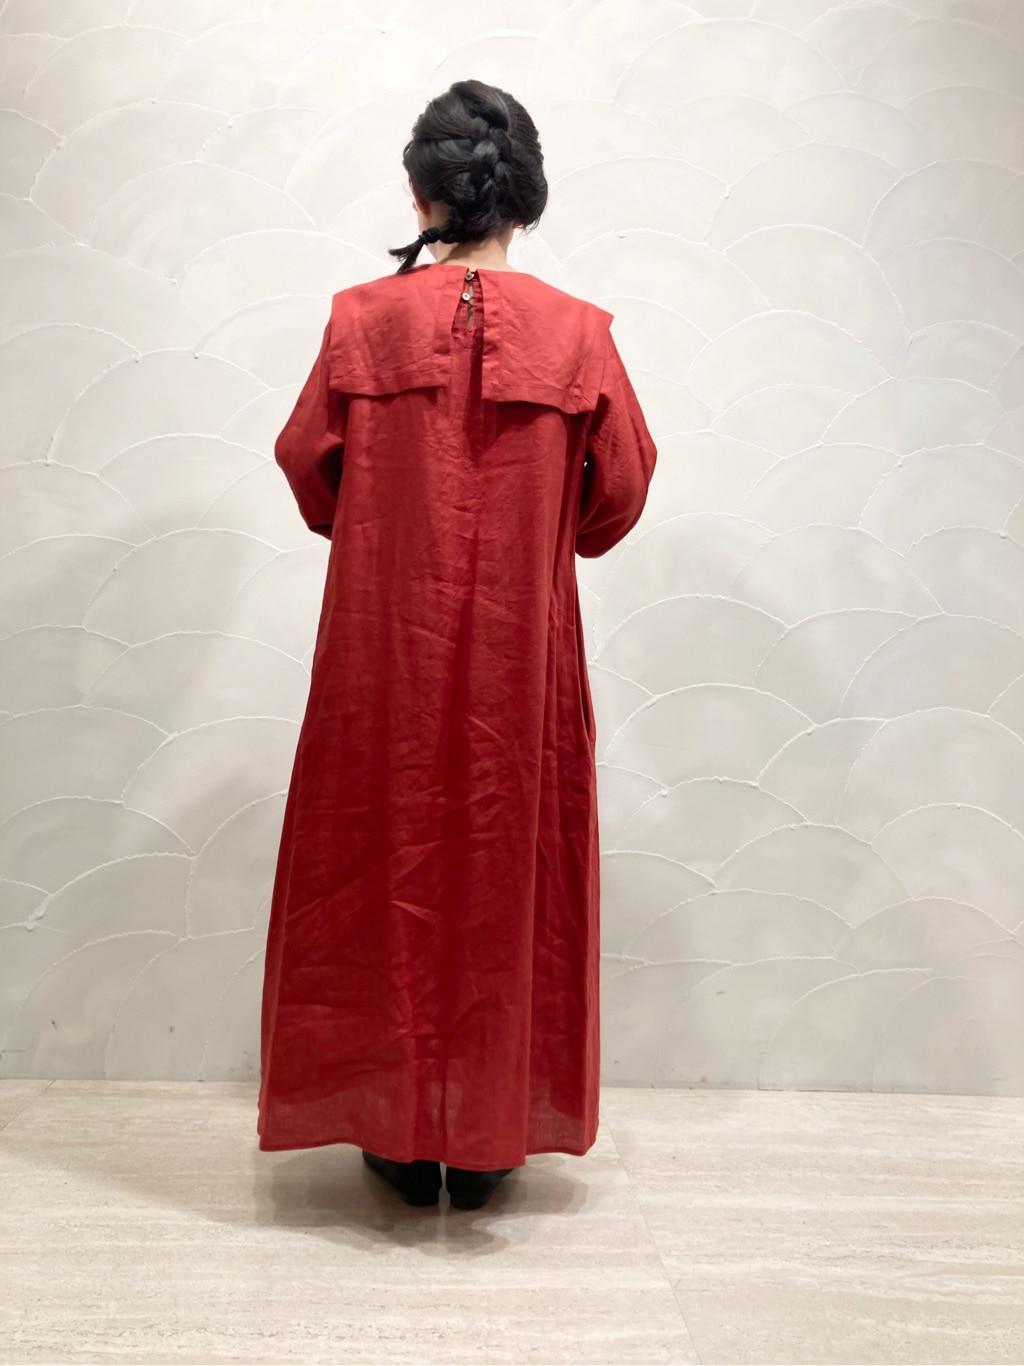 l'atelier du savon ルミネ横浜 身長:148cm 2021.04.14